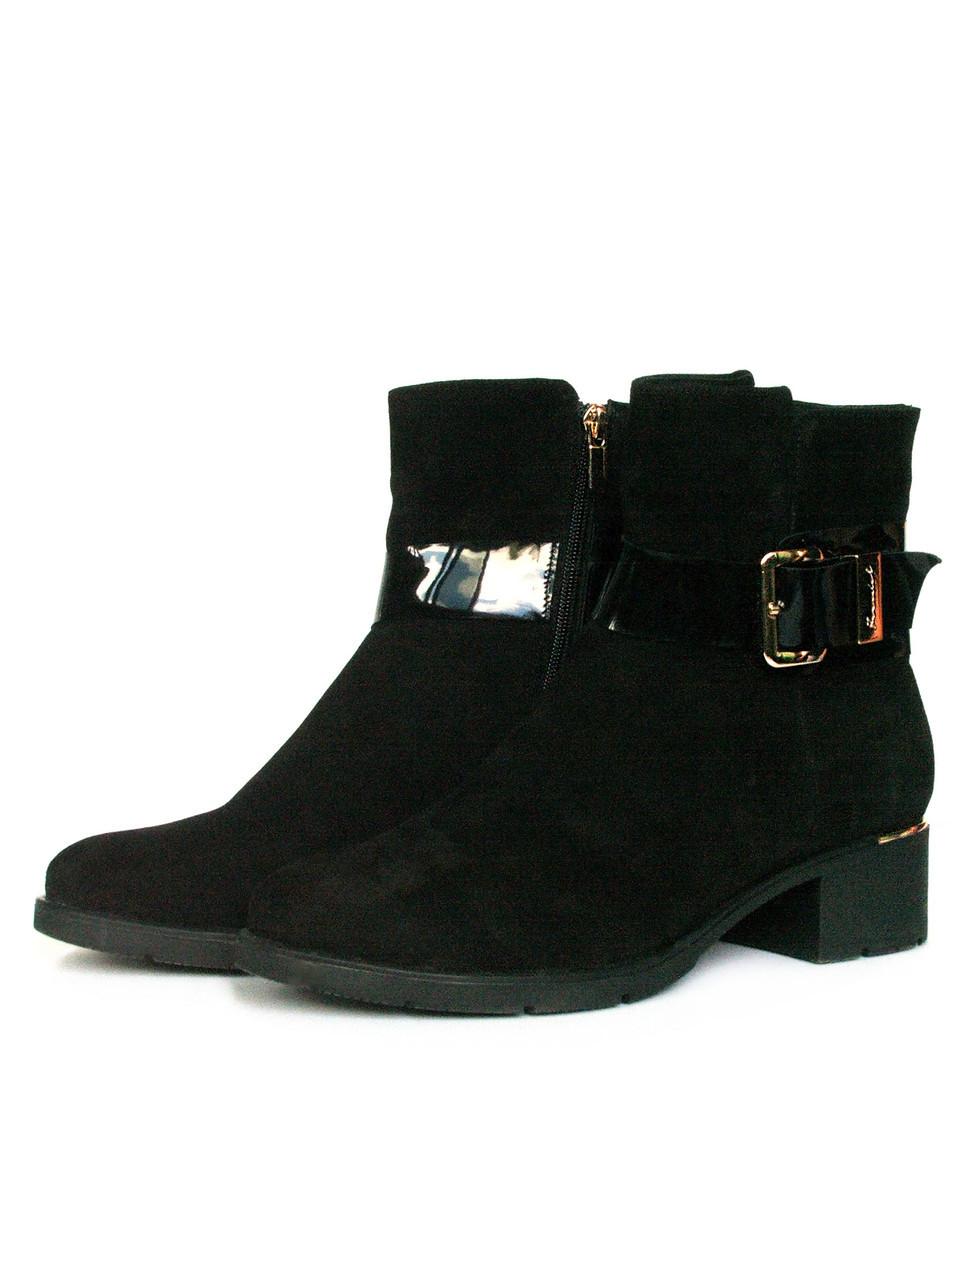 Удобные зимние ботинки из черной замши